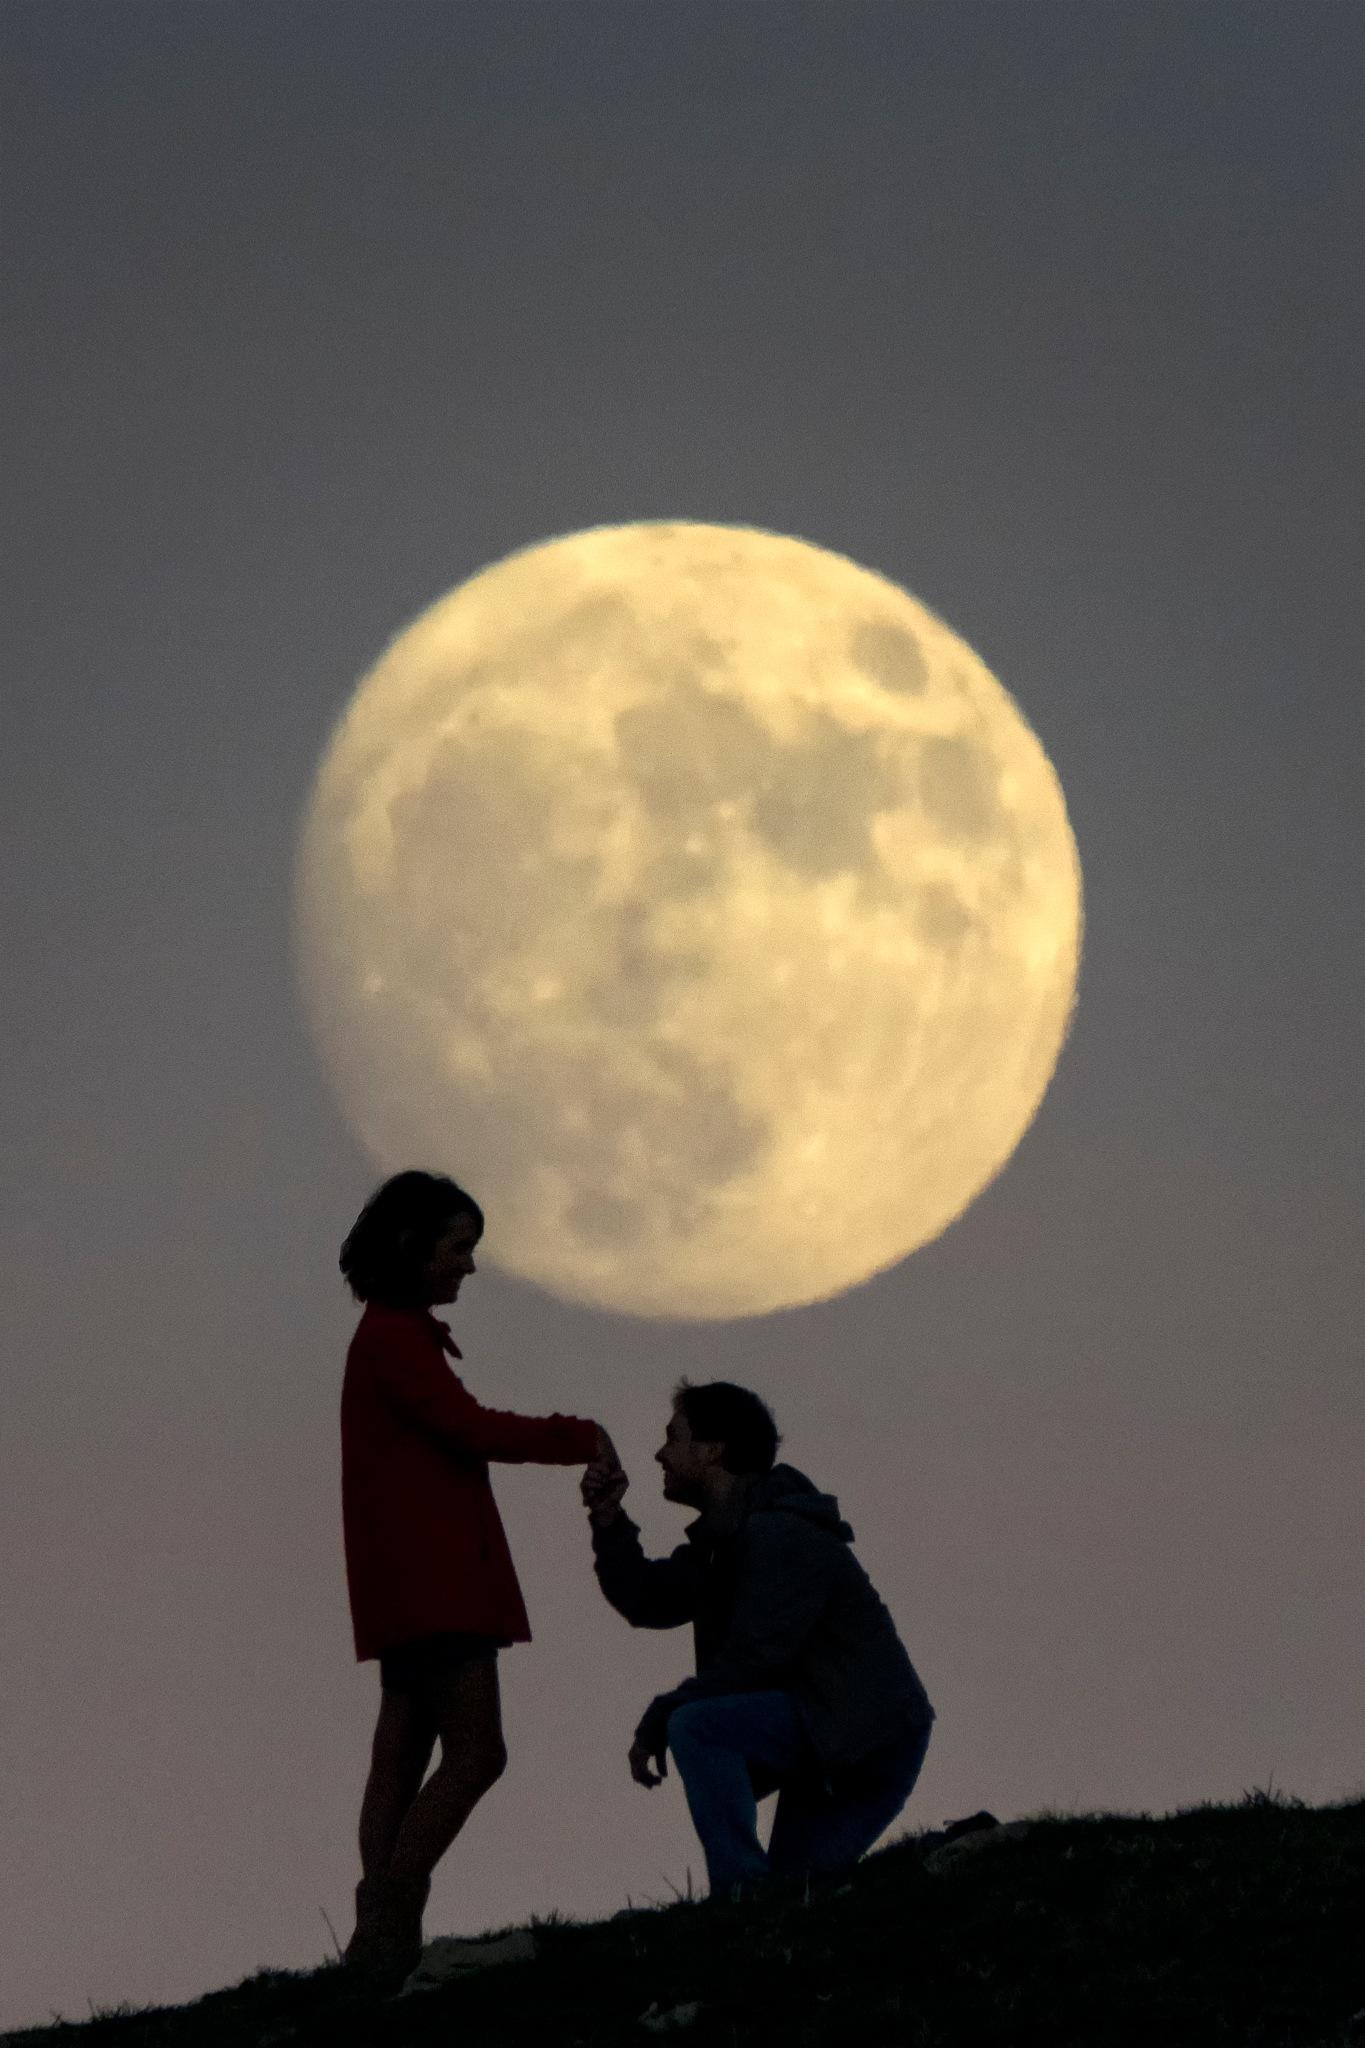 Moonlight lovers by fotoluMiNIcos